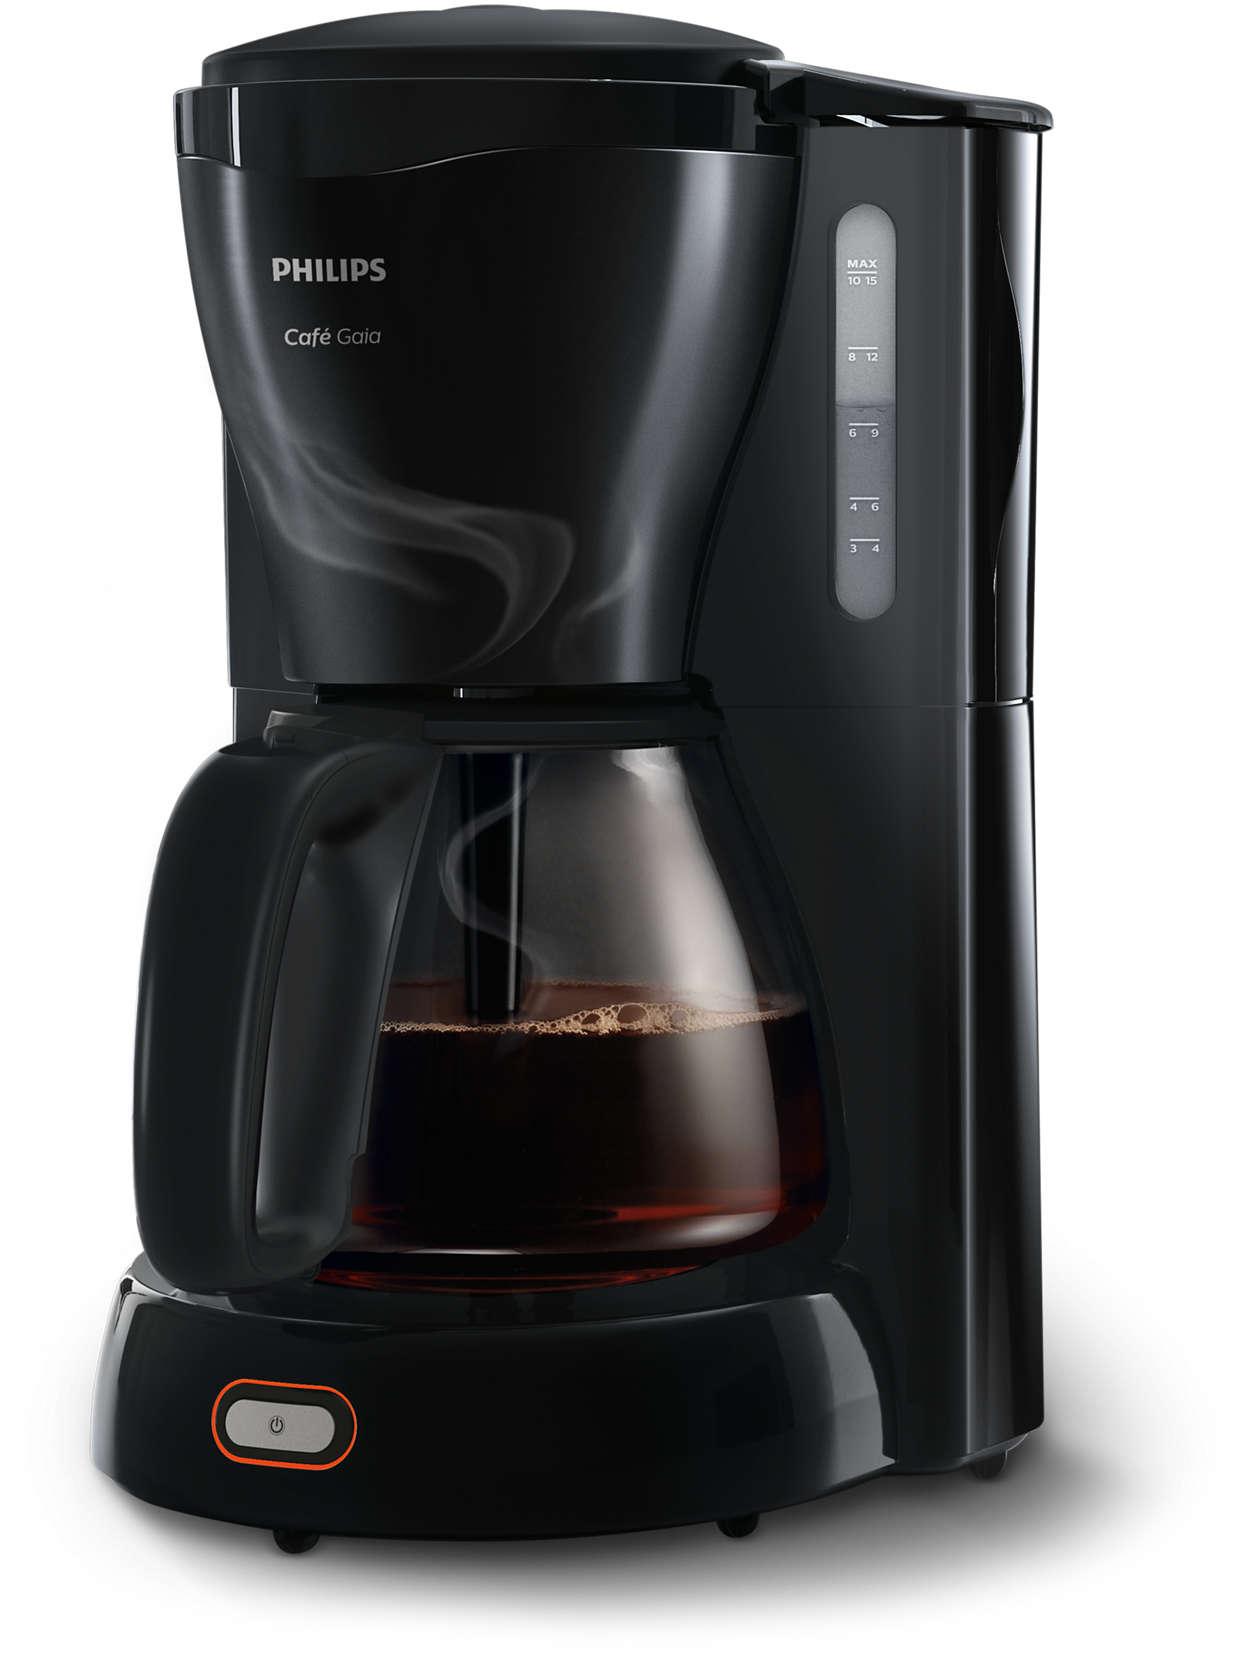 Lækker, varm kaffe i vores ikoniske design